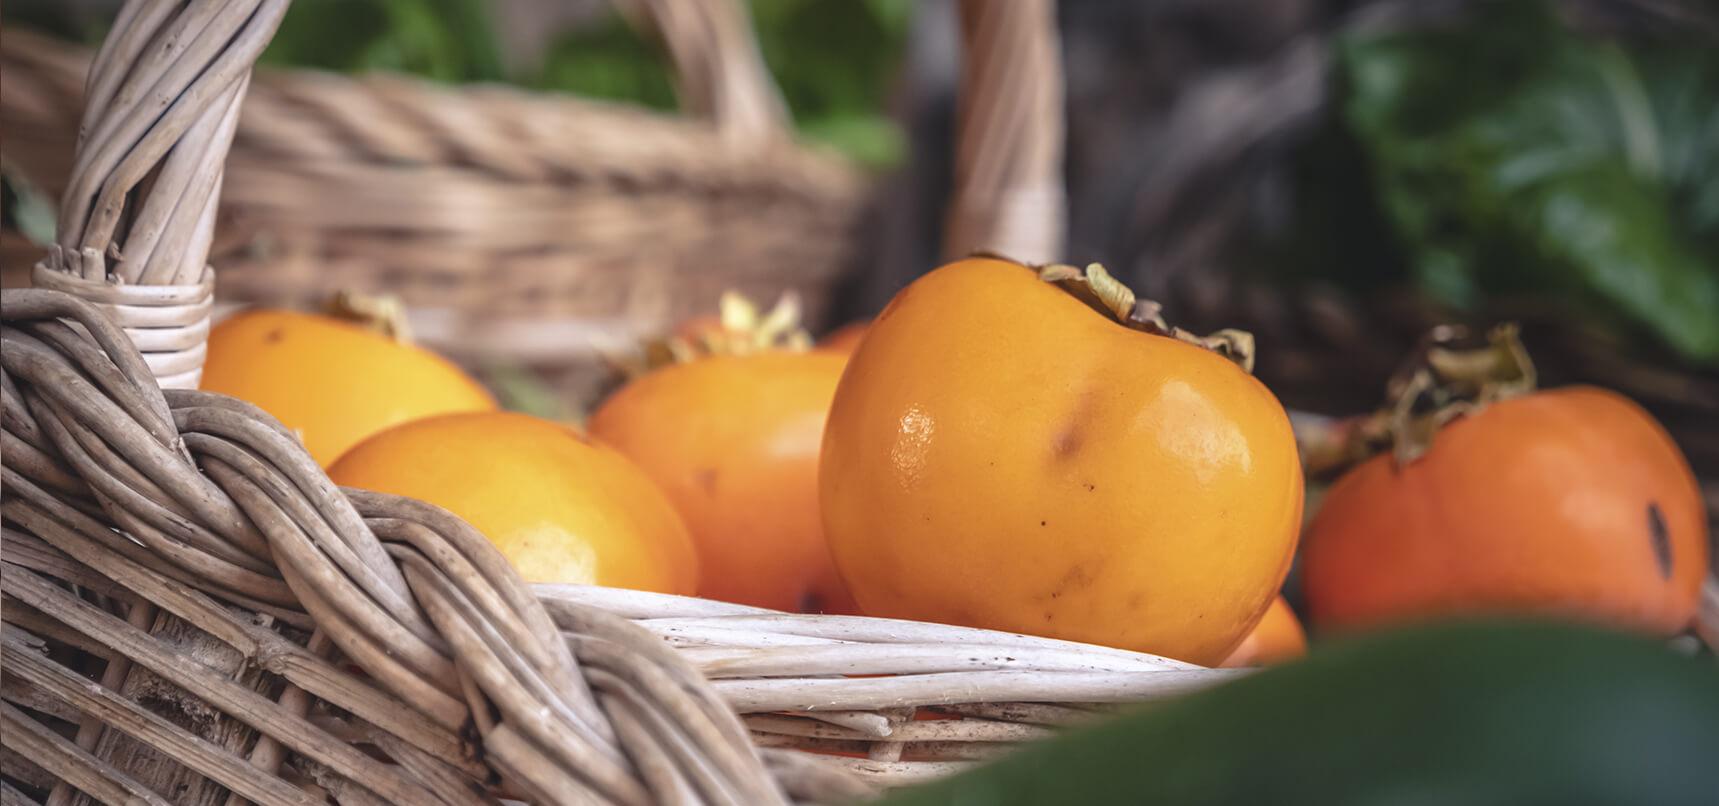 Productes naturals i de temporada, El Celler de Mura